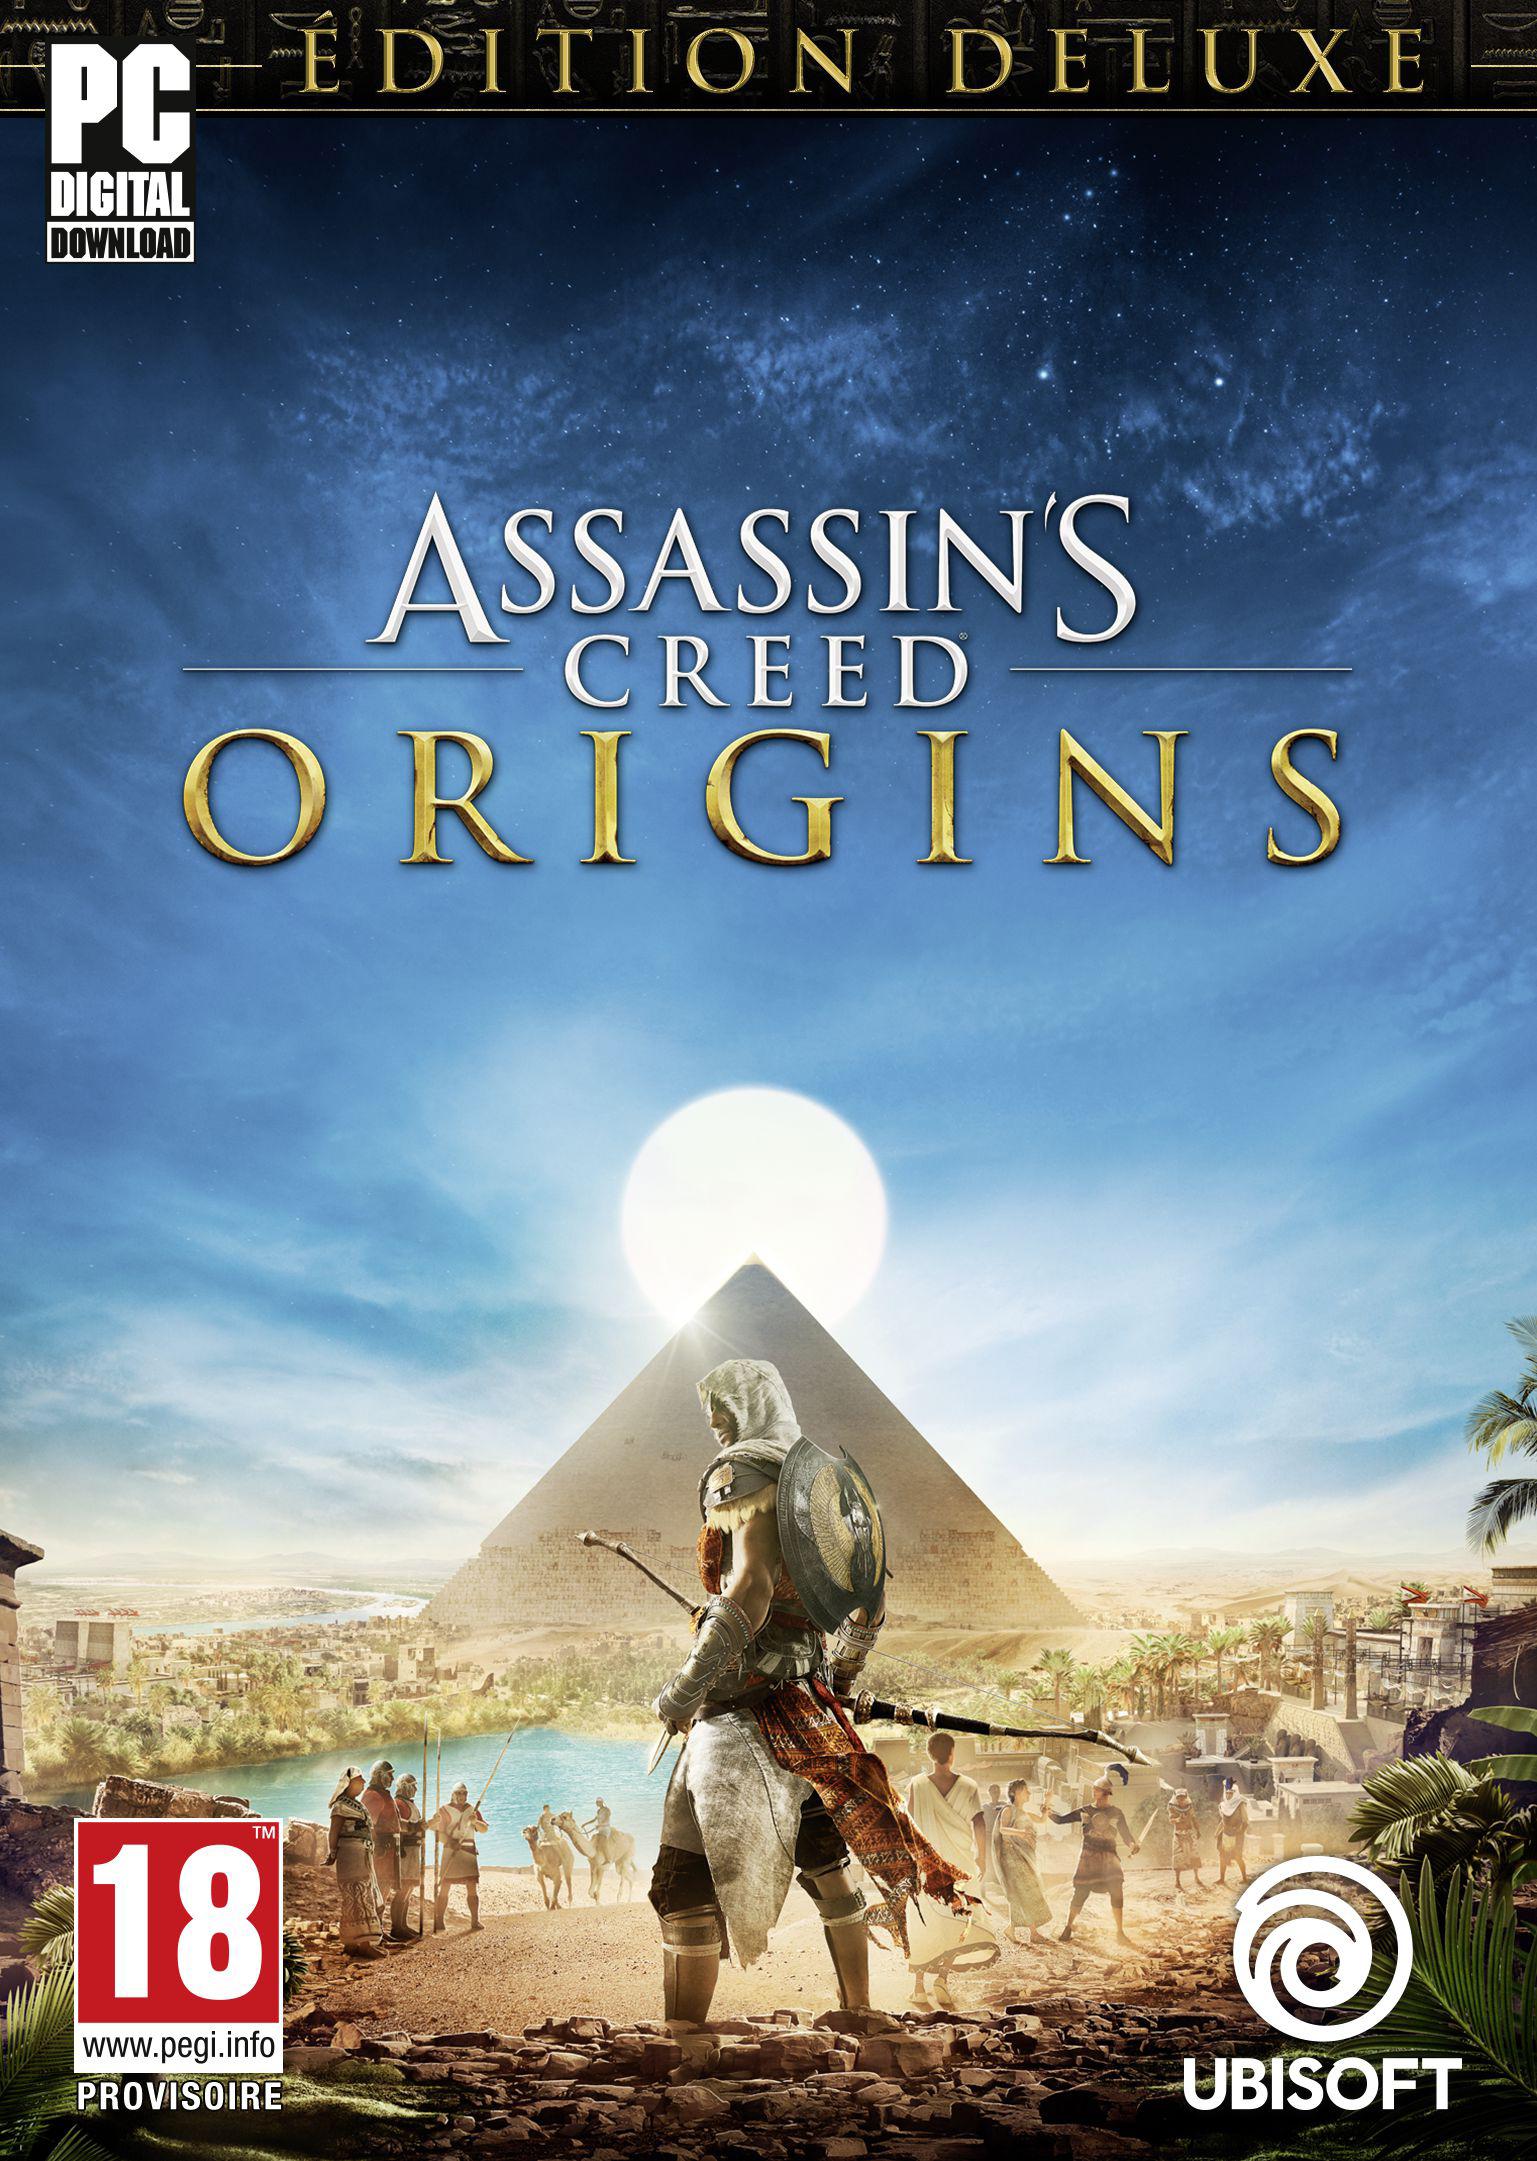 Assassin's Creed Origins - Deluxe Edition sur Pc (Dématérialisé)